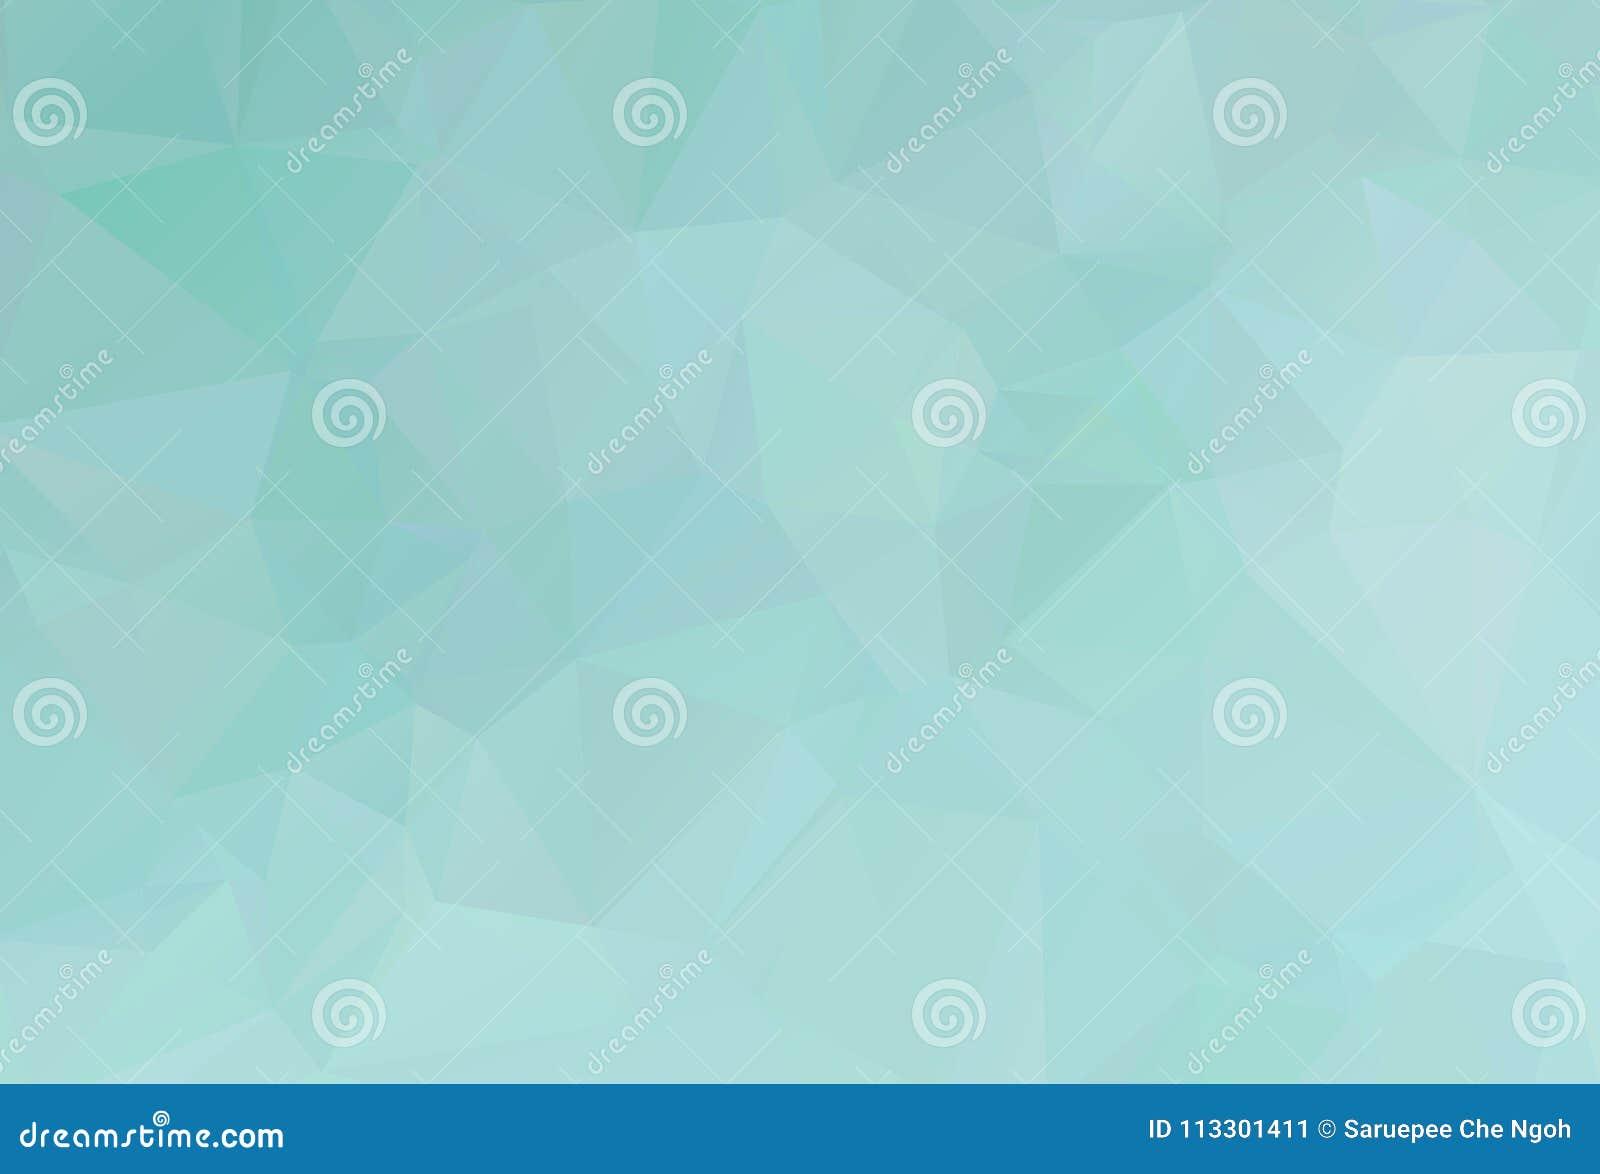 De vectorachtergrond van de Veelhoek Abstracte moderne Veelhoekige Geometrische Driehoek Blauwe Geometrische Driehoeksachtergrond